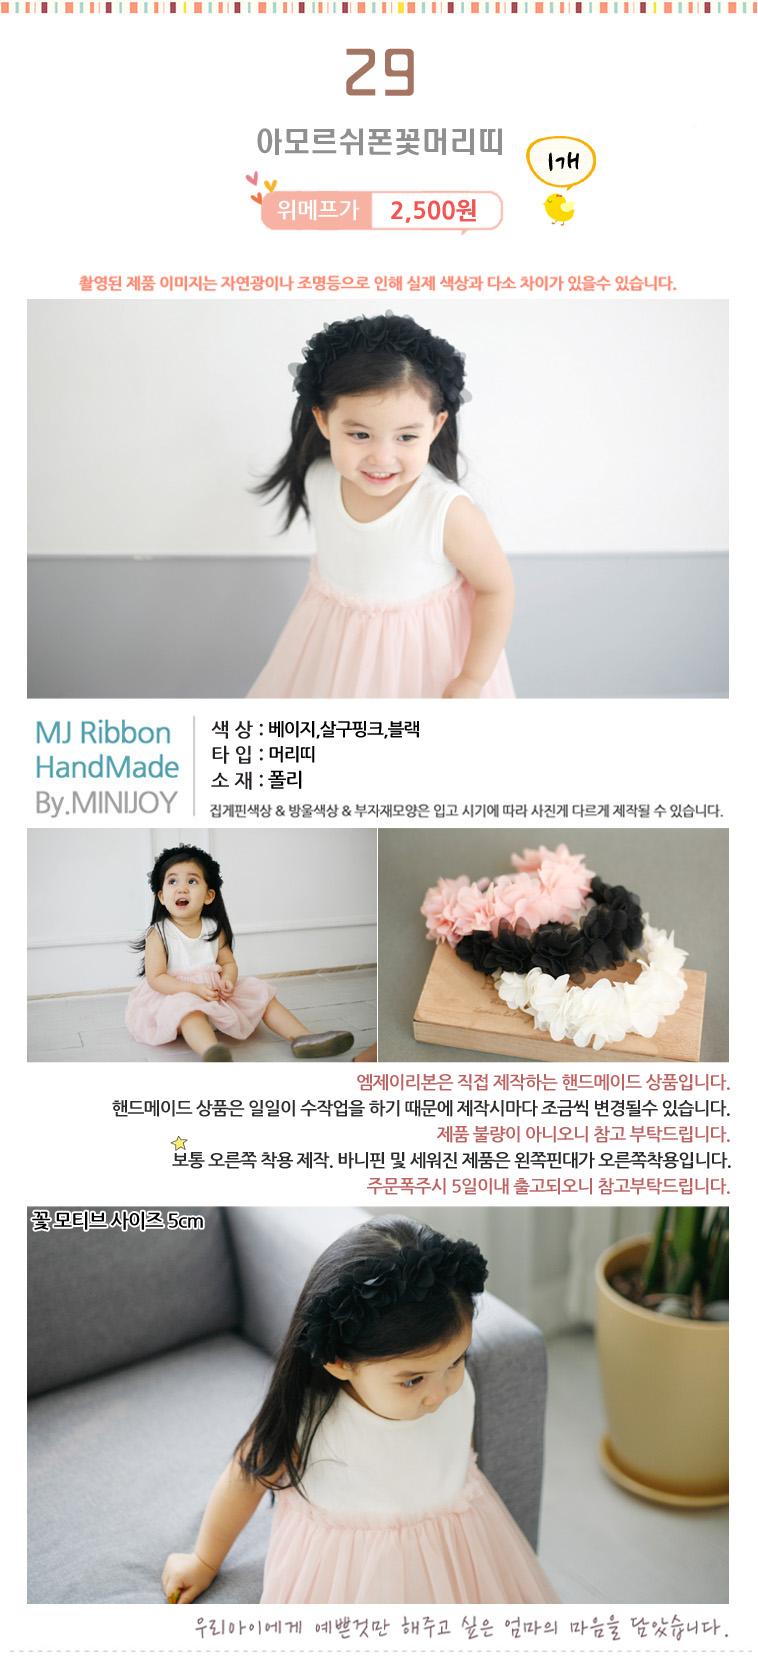 [투데이특가] 헤어밴드/베이비밴드 - 상세정보